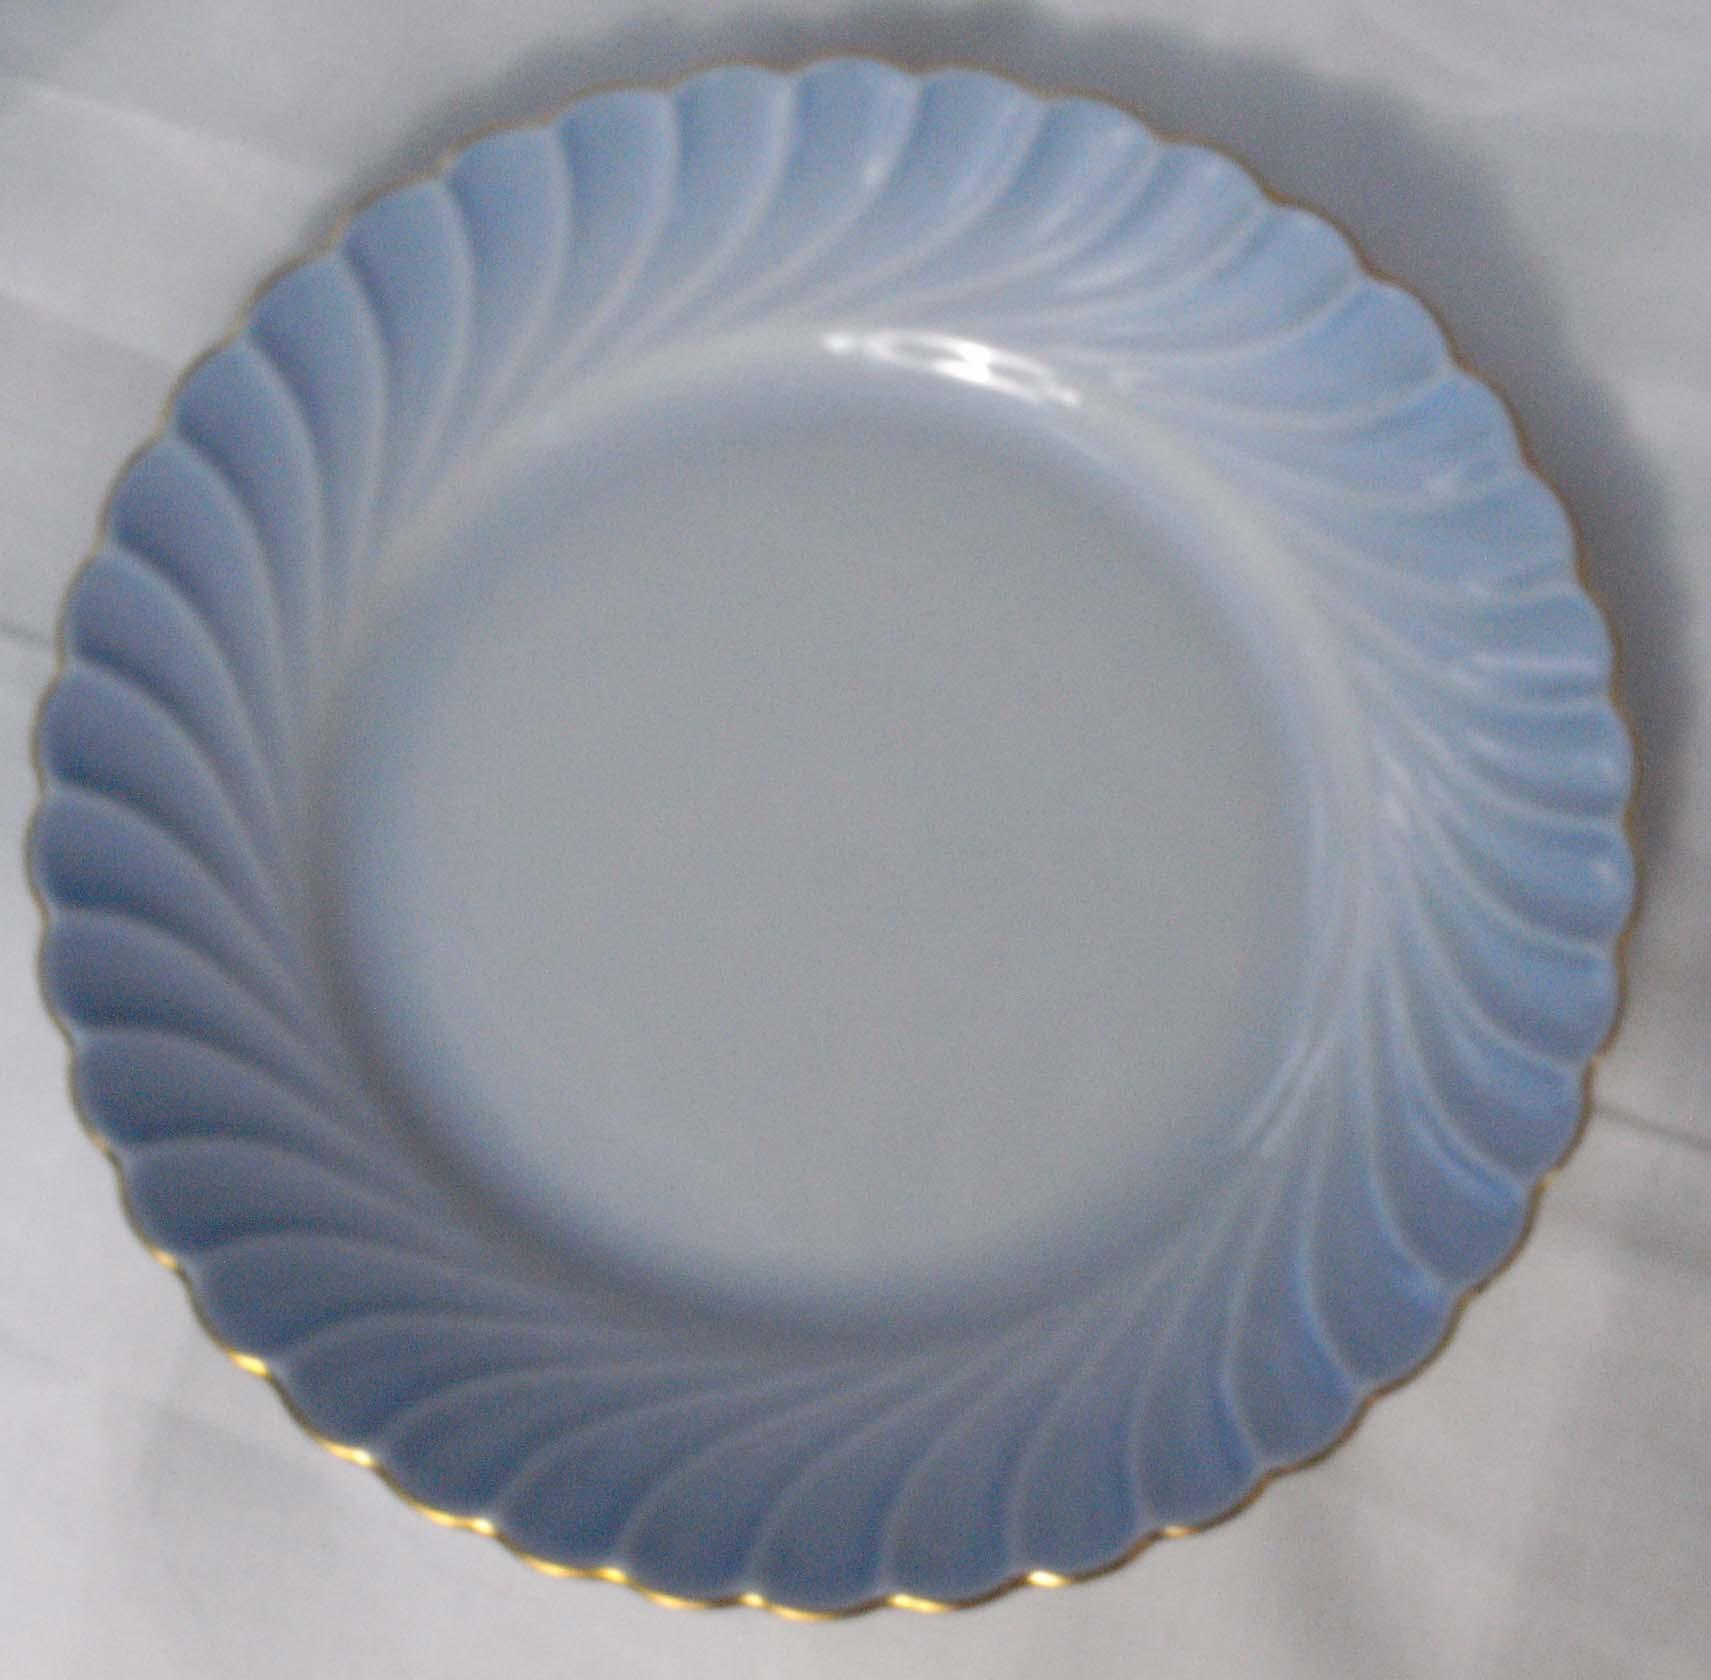 cccab93e Nydelig kaffeservice fra Porsgrunn porselen, Maud. Delikat blått med  gullkant. 1 sett, bestående av kopp, skål og asjett, selges for kr 250.